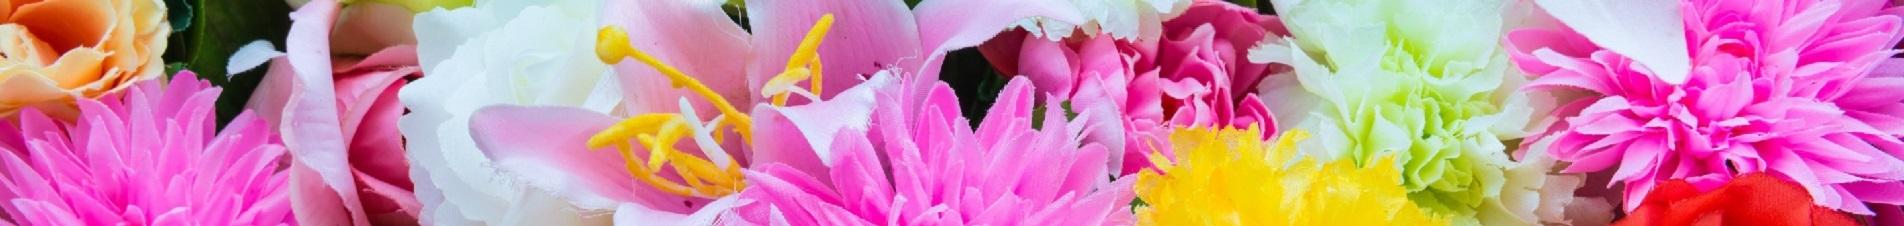 bloemen versturen naar  vele kleuren